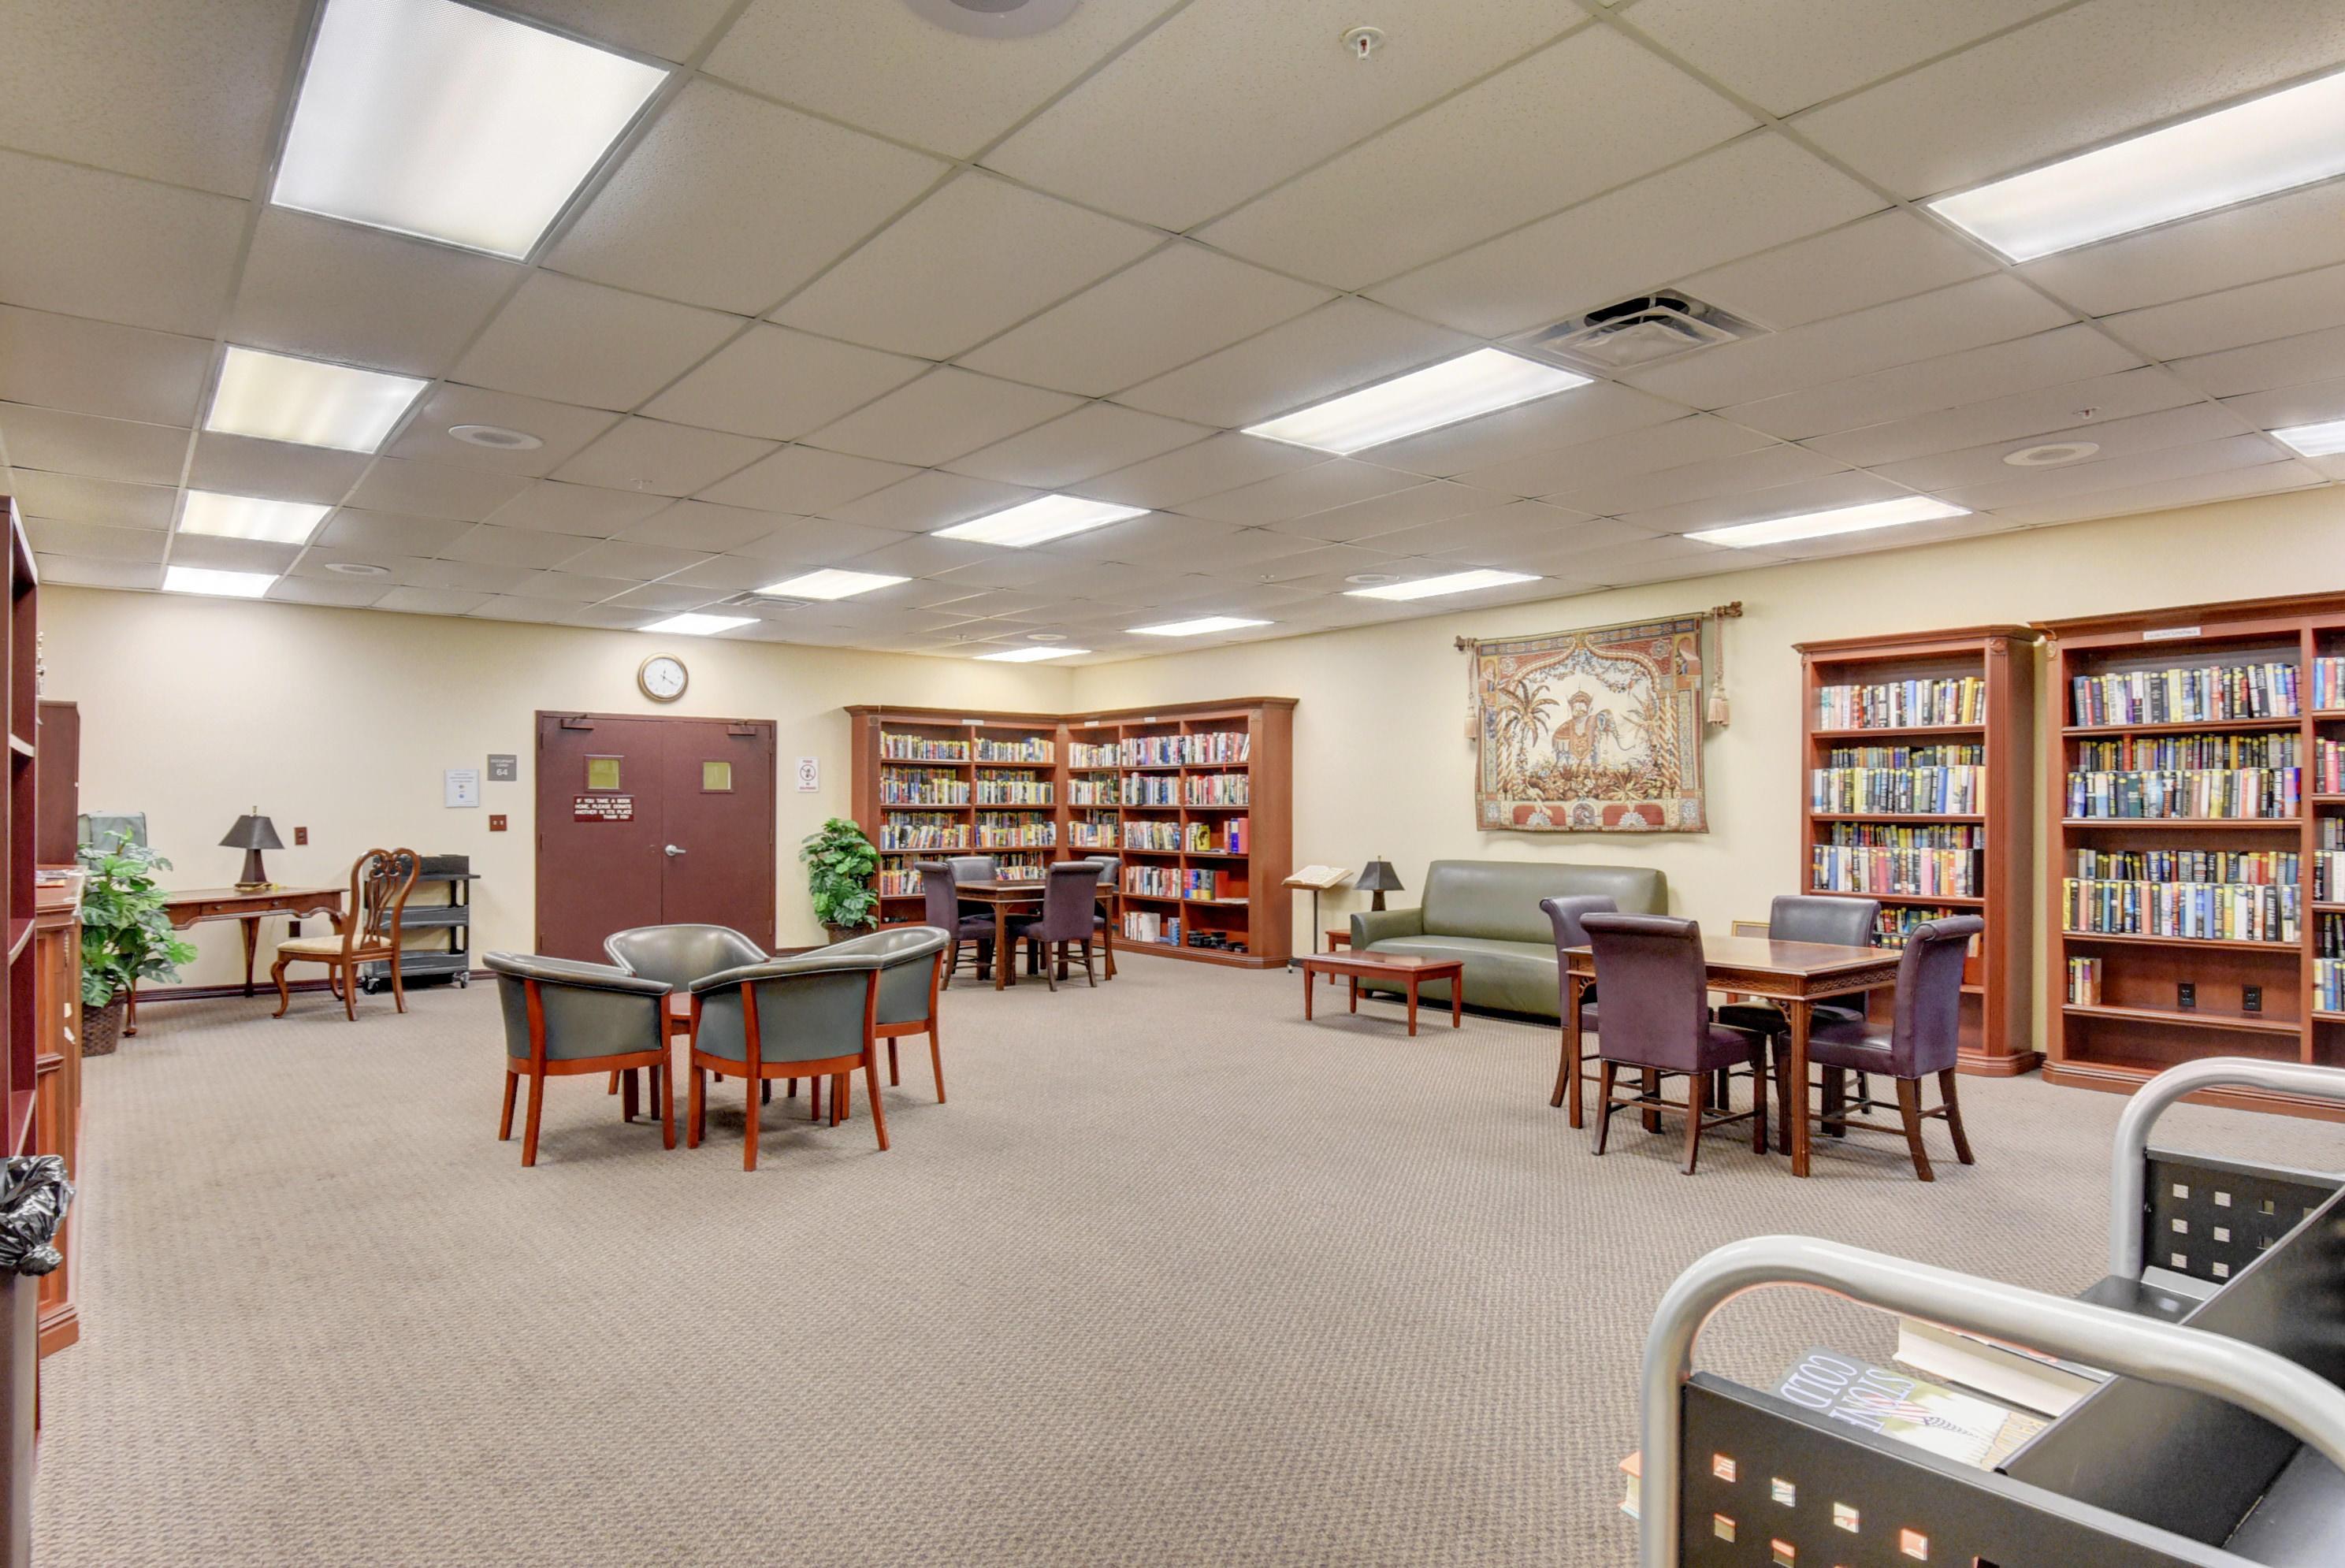 Library/Media Room